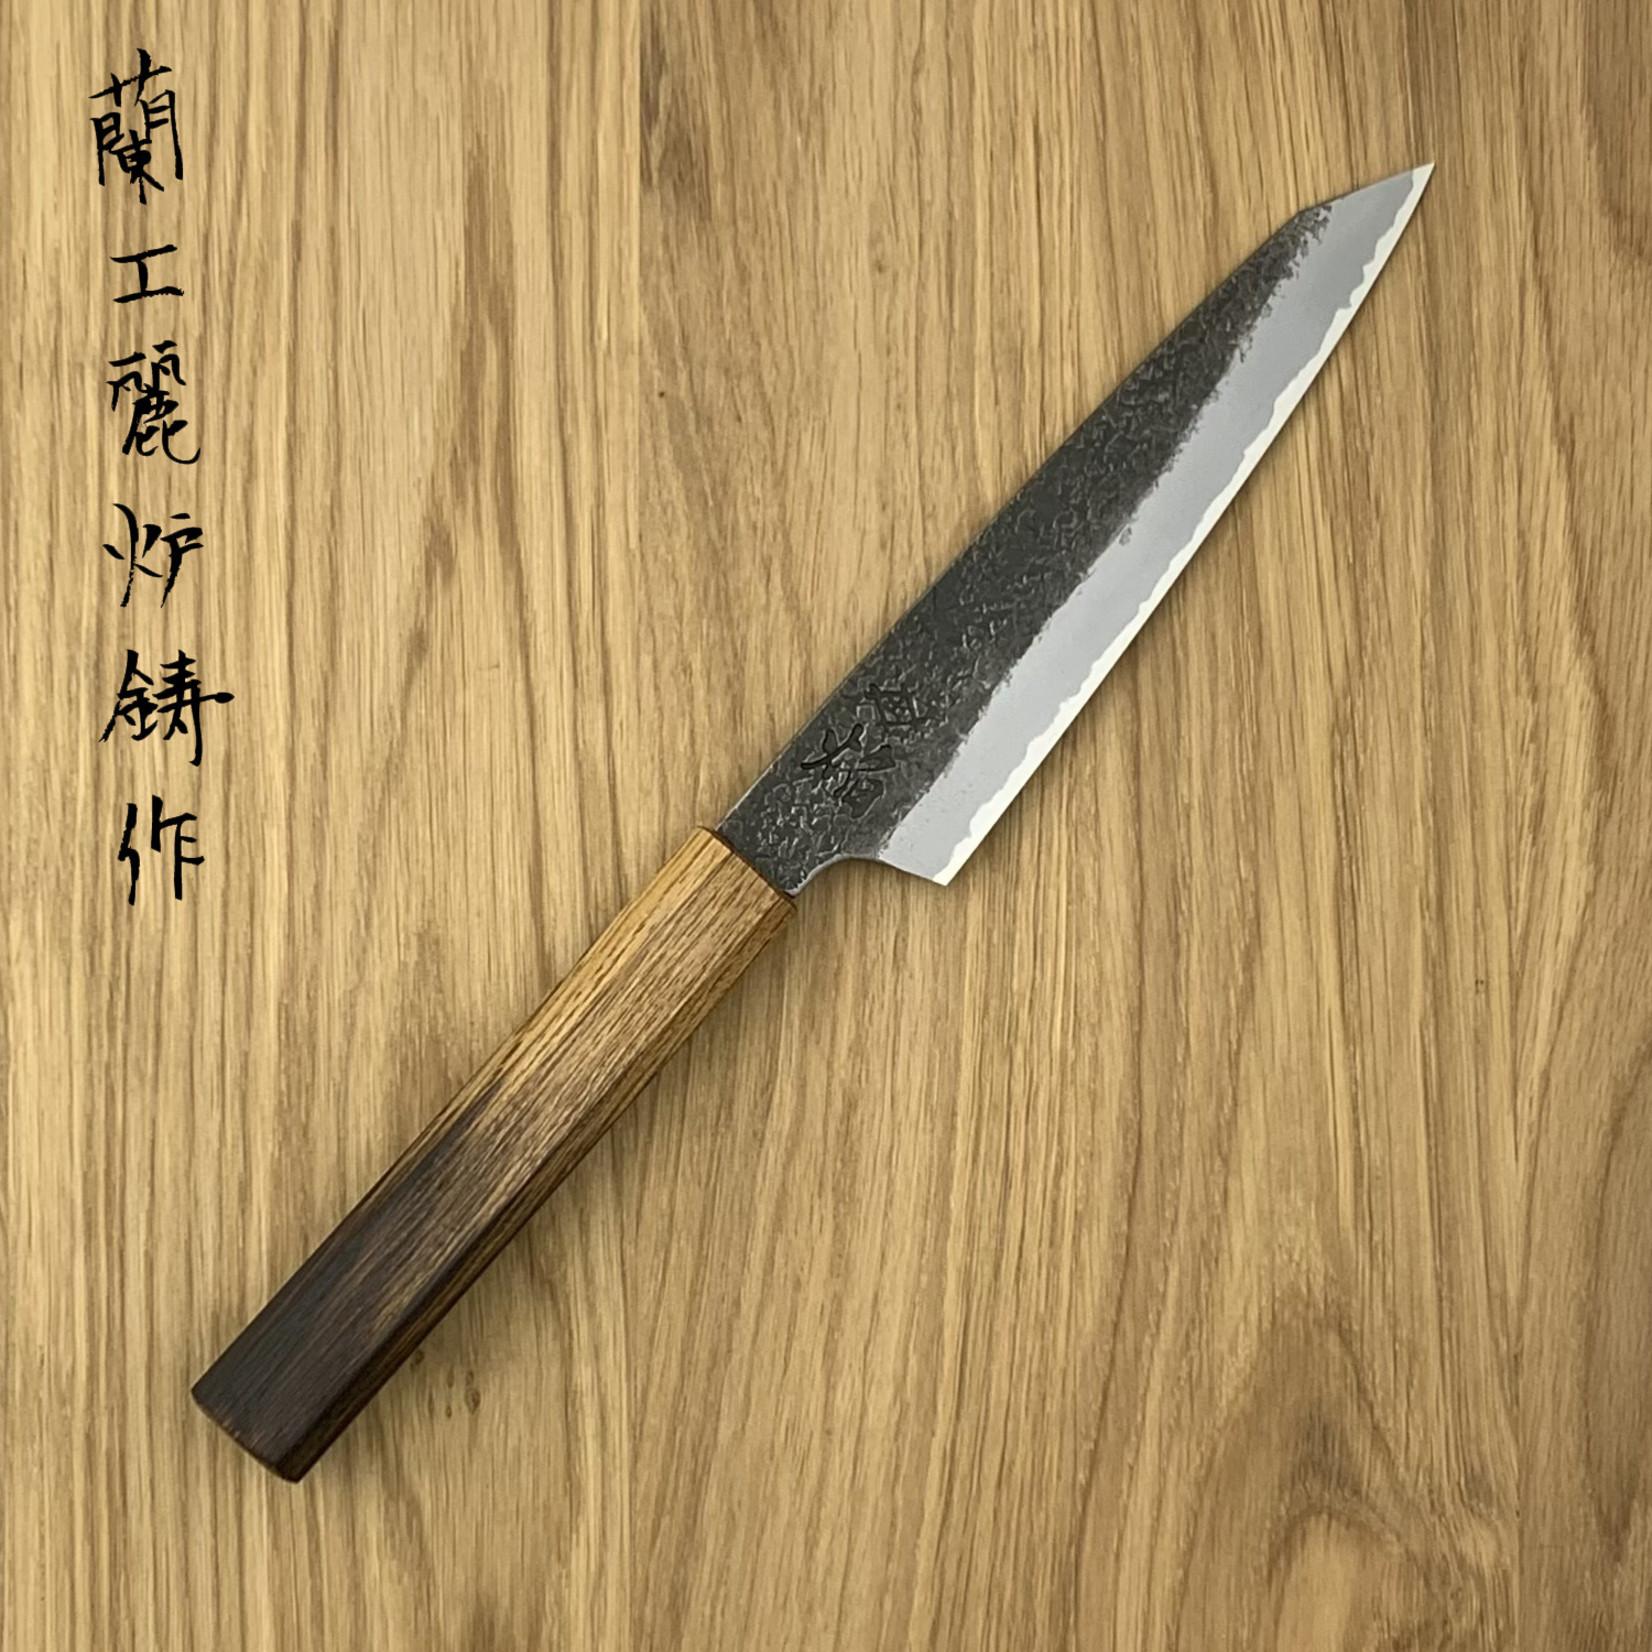 SAKAI TAKAYUKI Homura Guren Blue #2 Petty 150 mm 01185